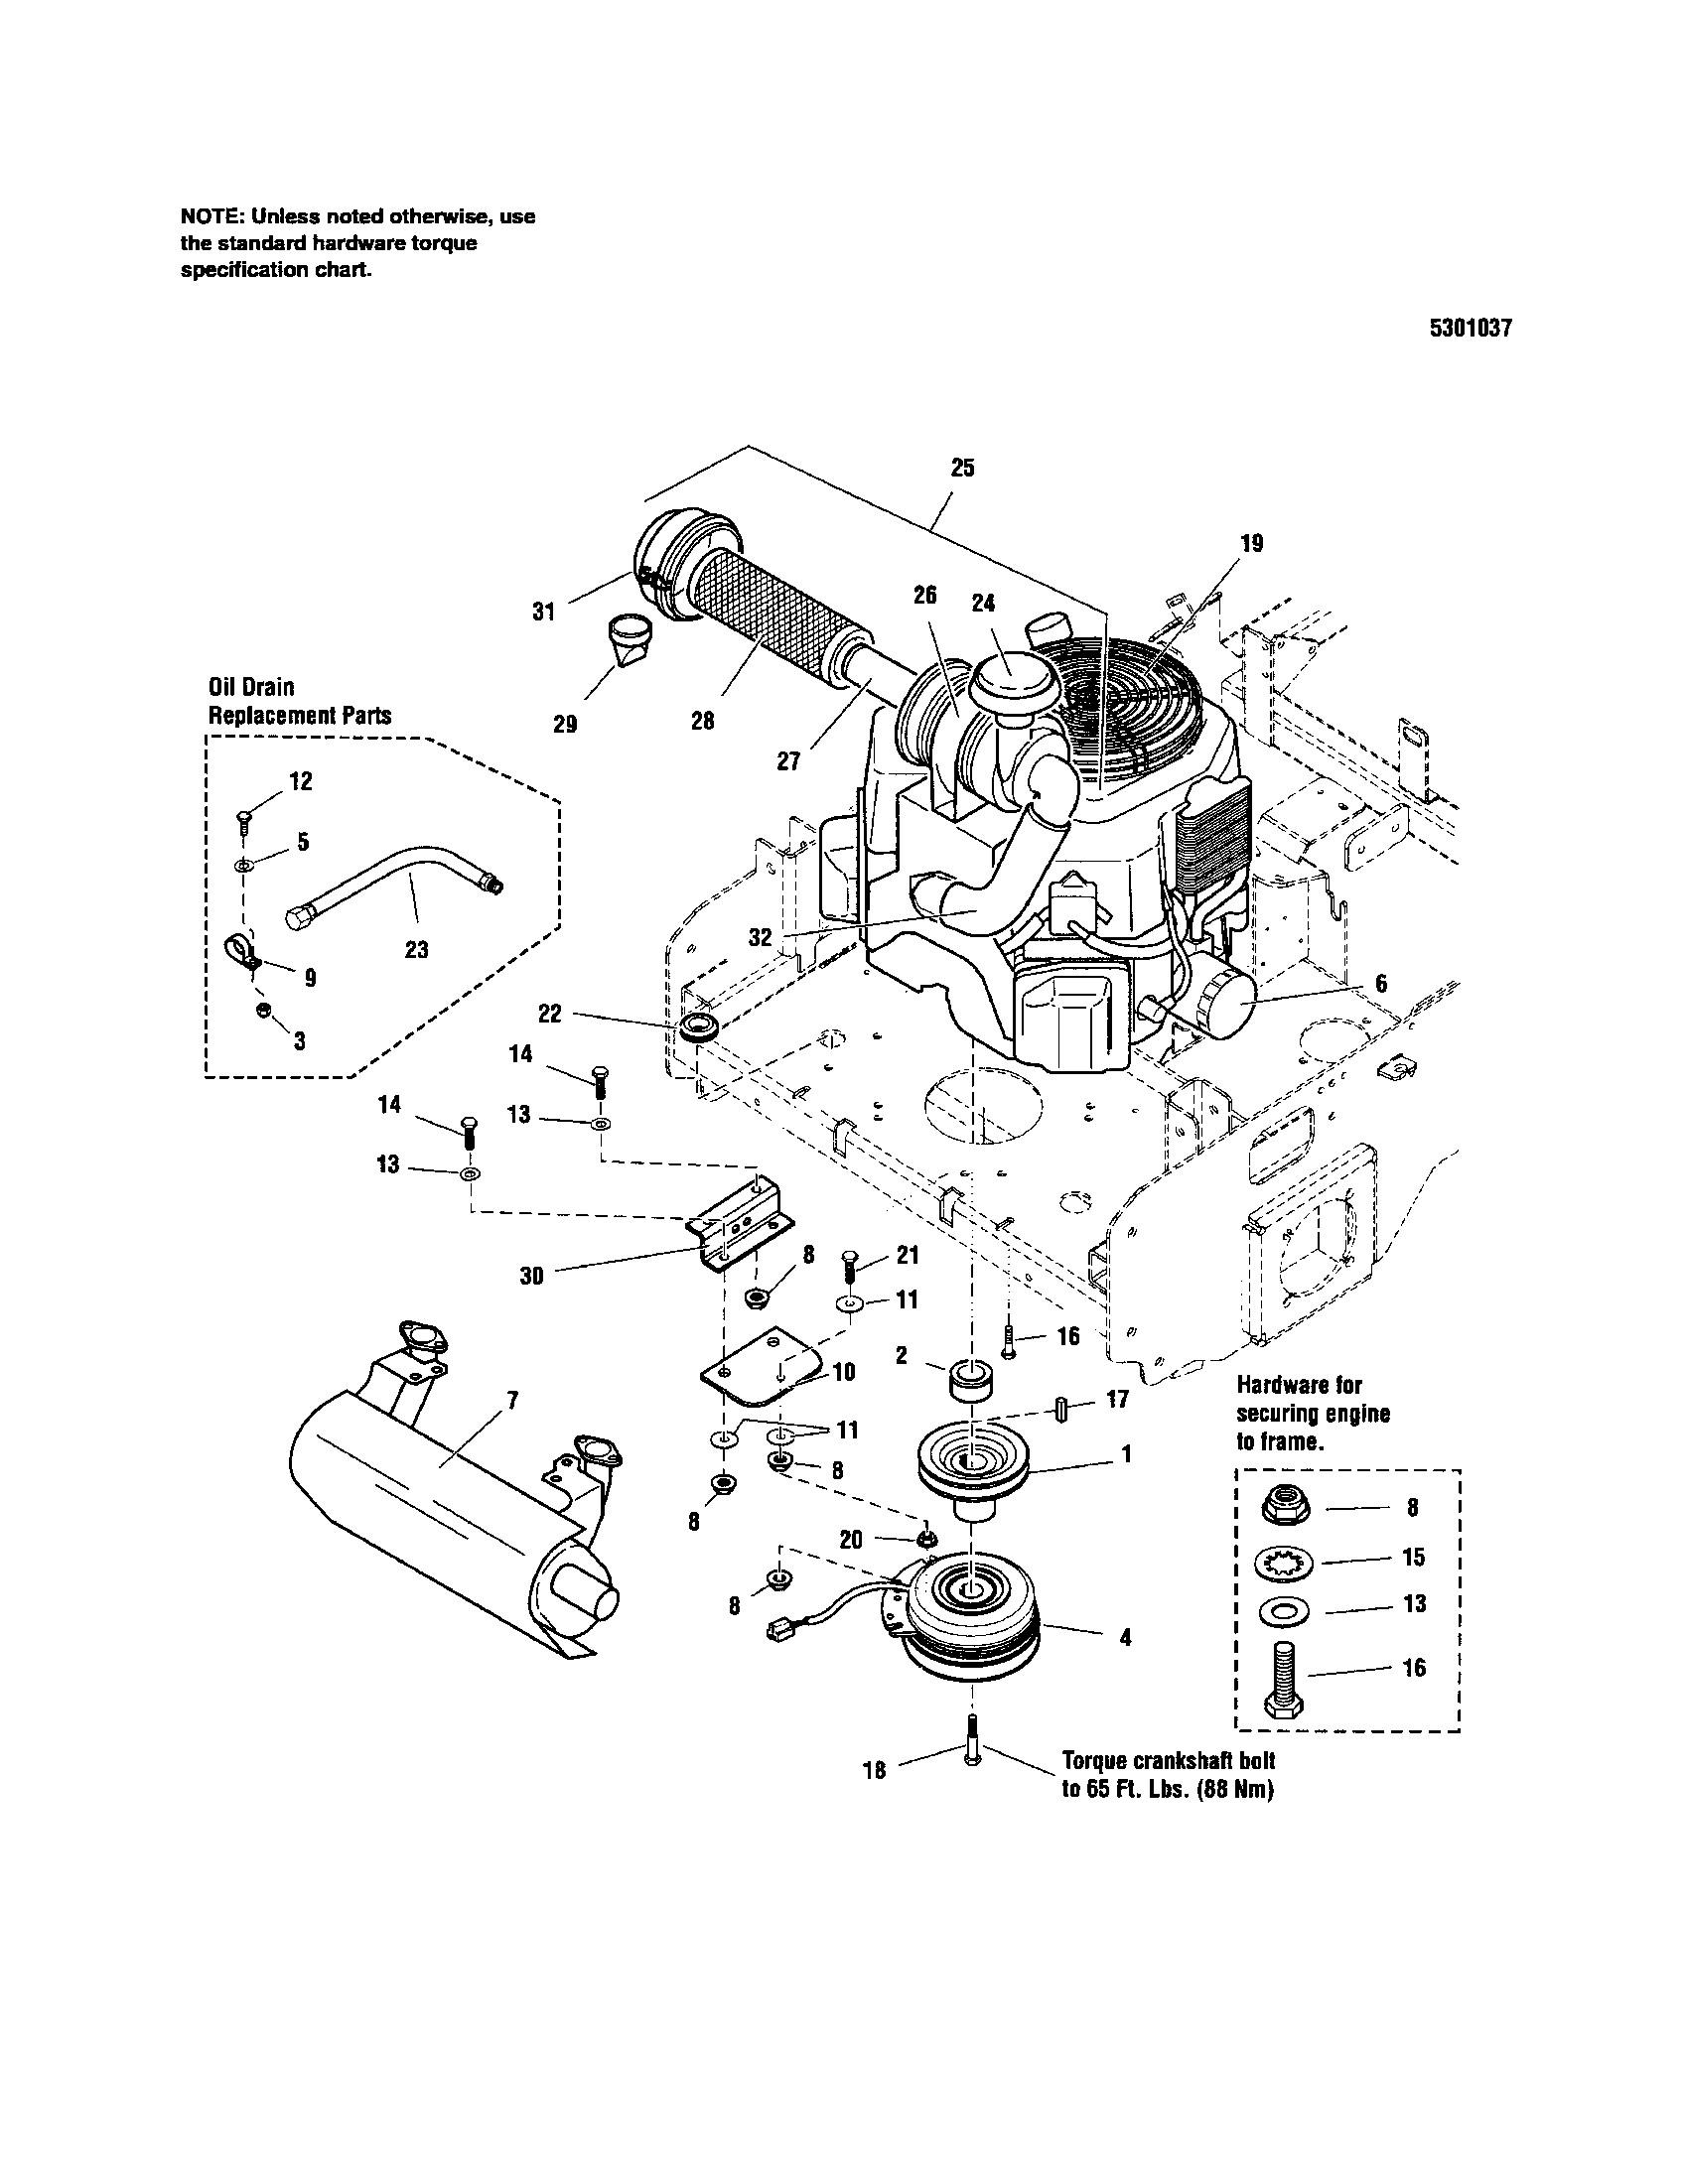 kohler engine diagram kohler model xt173 0084 engine